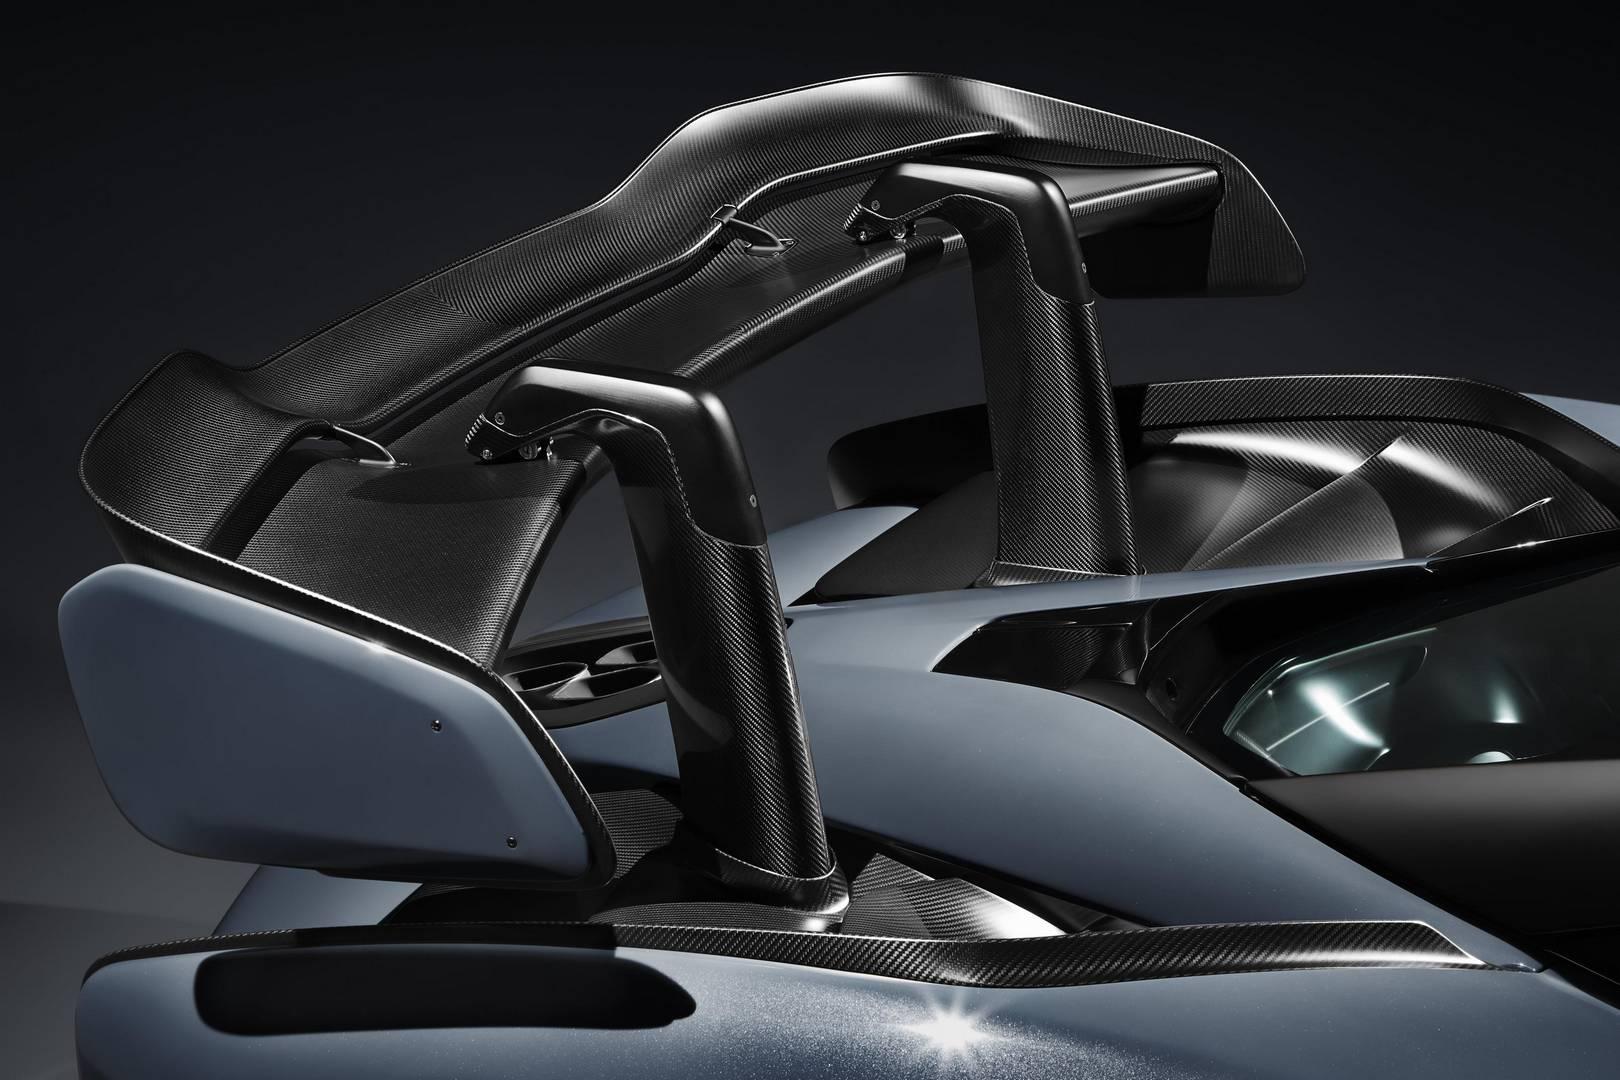 Это был прощальный подарок от британской компании в 2017 году. Компании удалось запустить невероятно успешный 720S и увеличить продажи 570S и 540C до рекордных уровней, справедливо сказать, что 2017 год был лучшим годом McLaren.